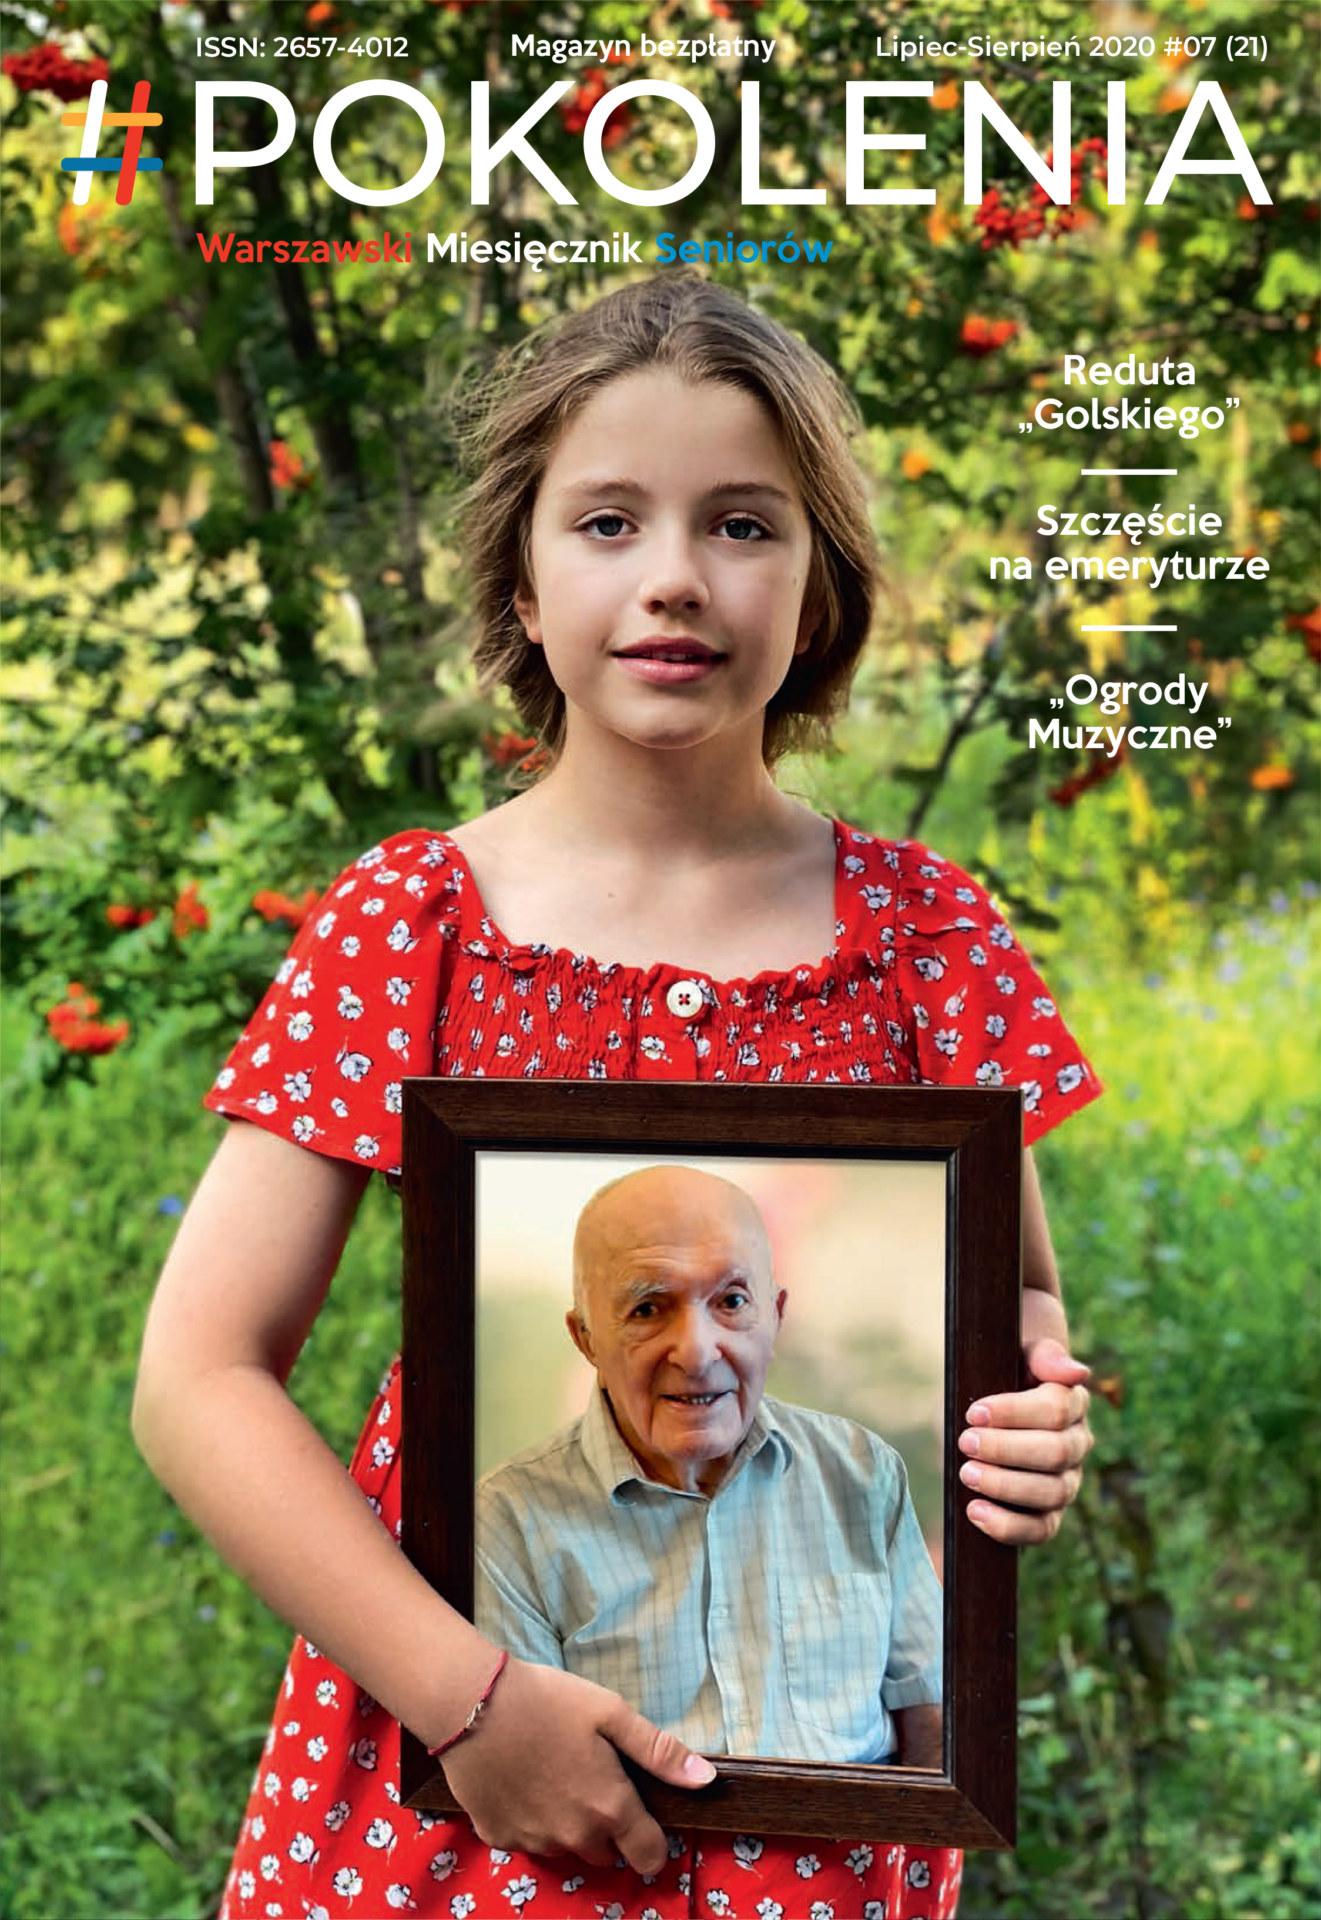 Dziewczynka trzyma zdjęcie seniora w rękach.